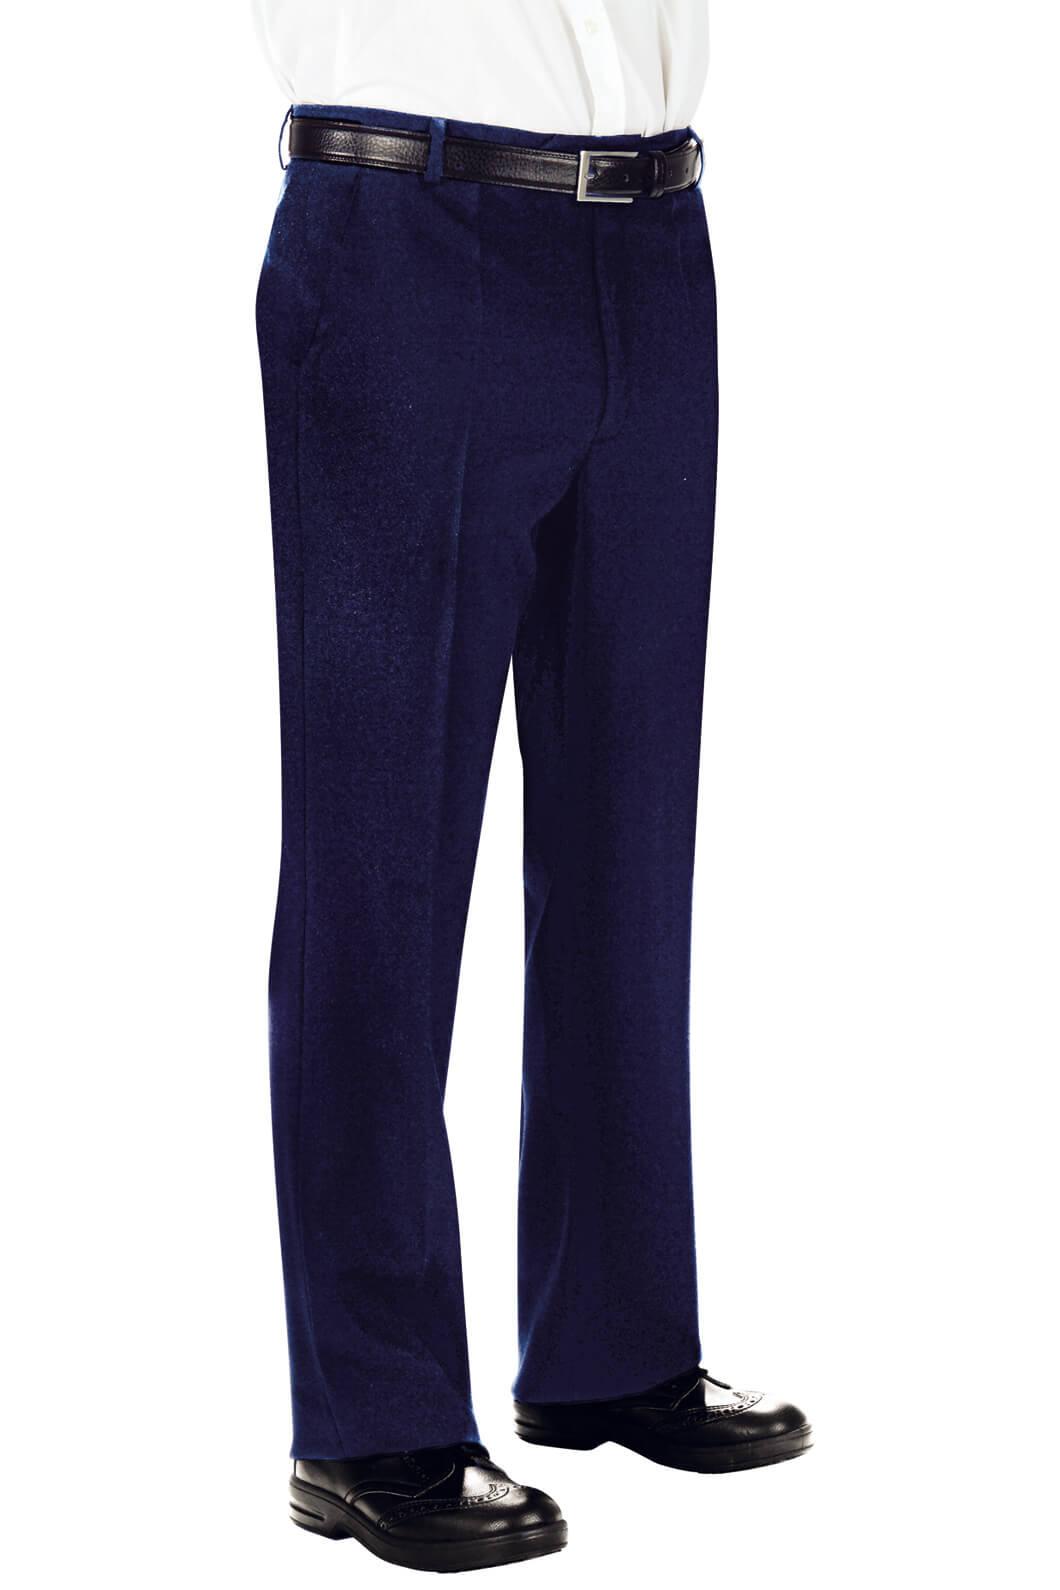 pantalon homme 100 laine bleu restauration et r ception pantalons et bermudas de service. Black Bedroom Furniture Sets. Home Design Ideas